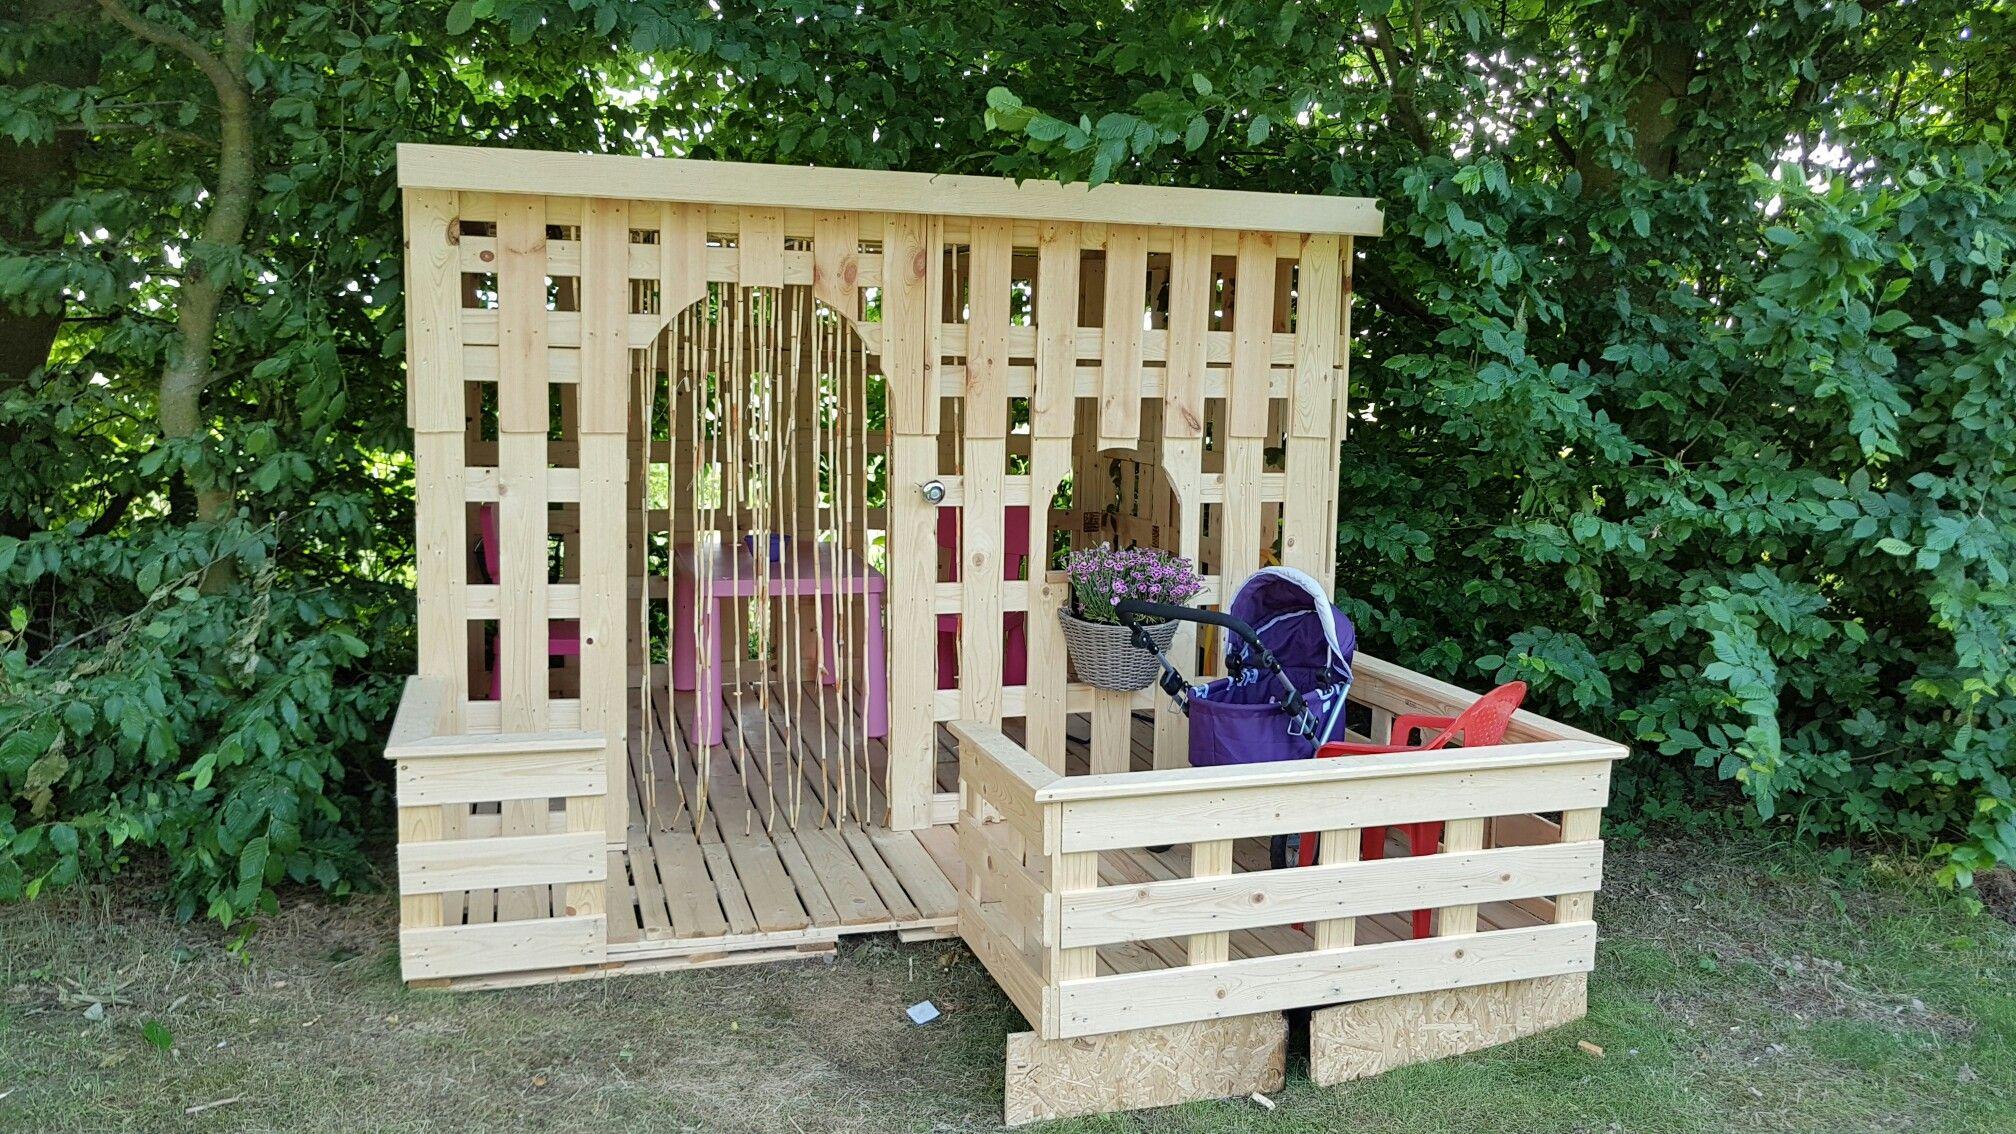 Selbstgebautes Gartenhaus aus Paletten 🏵 Gartenhaus